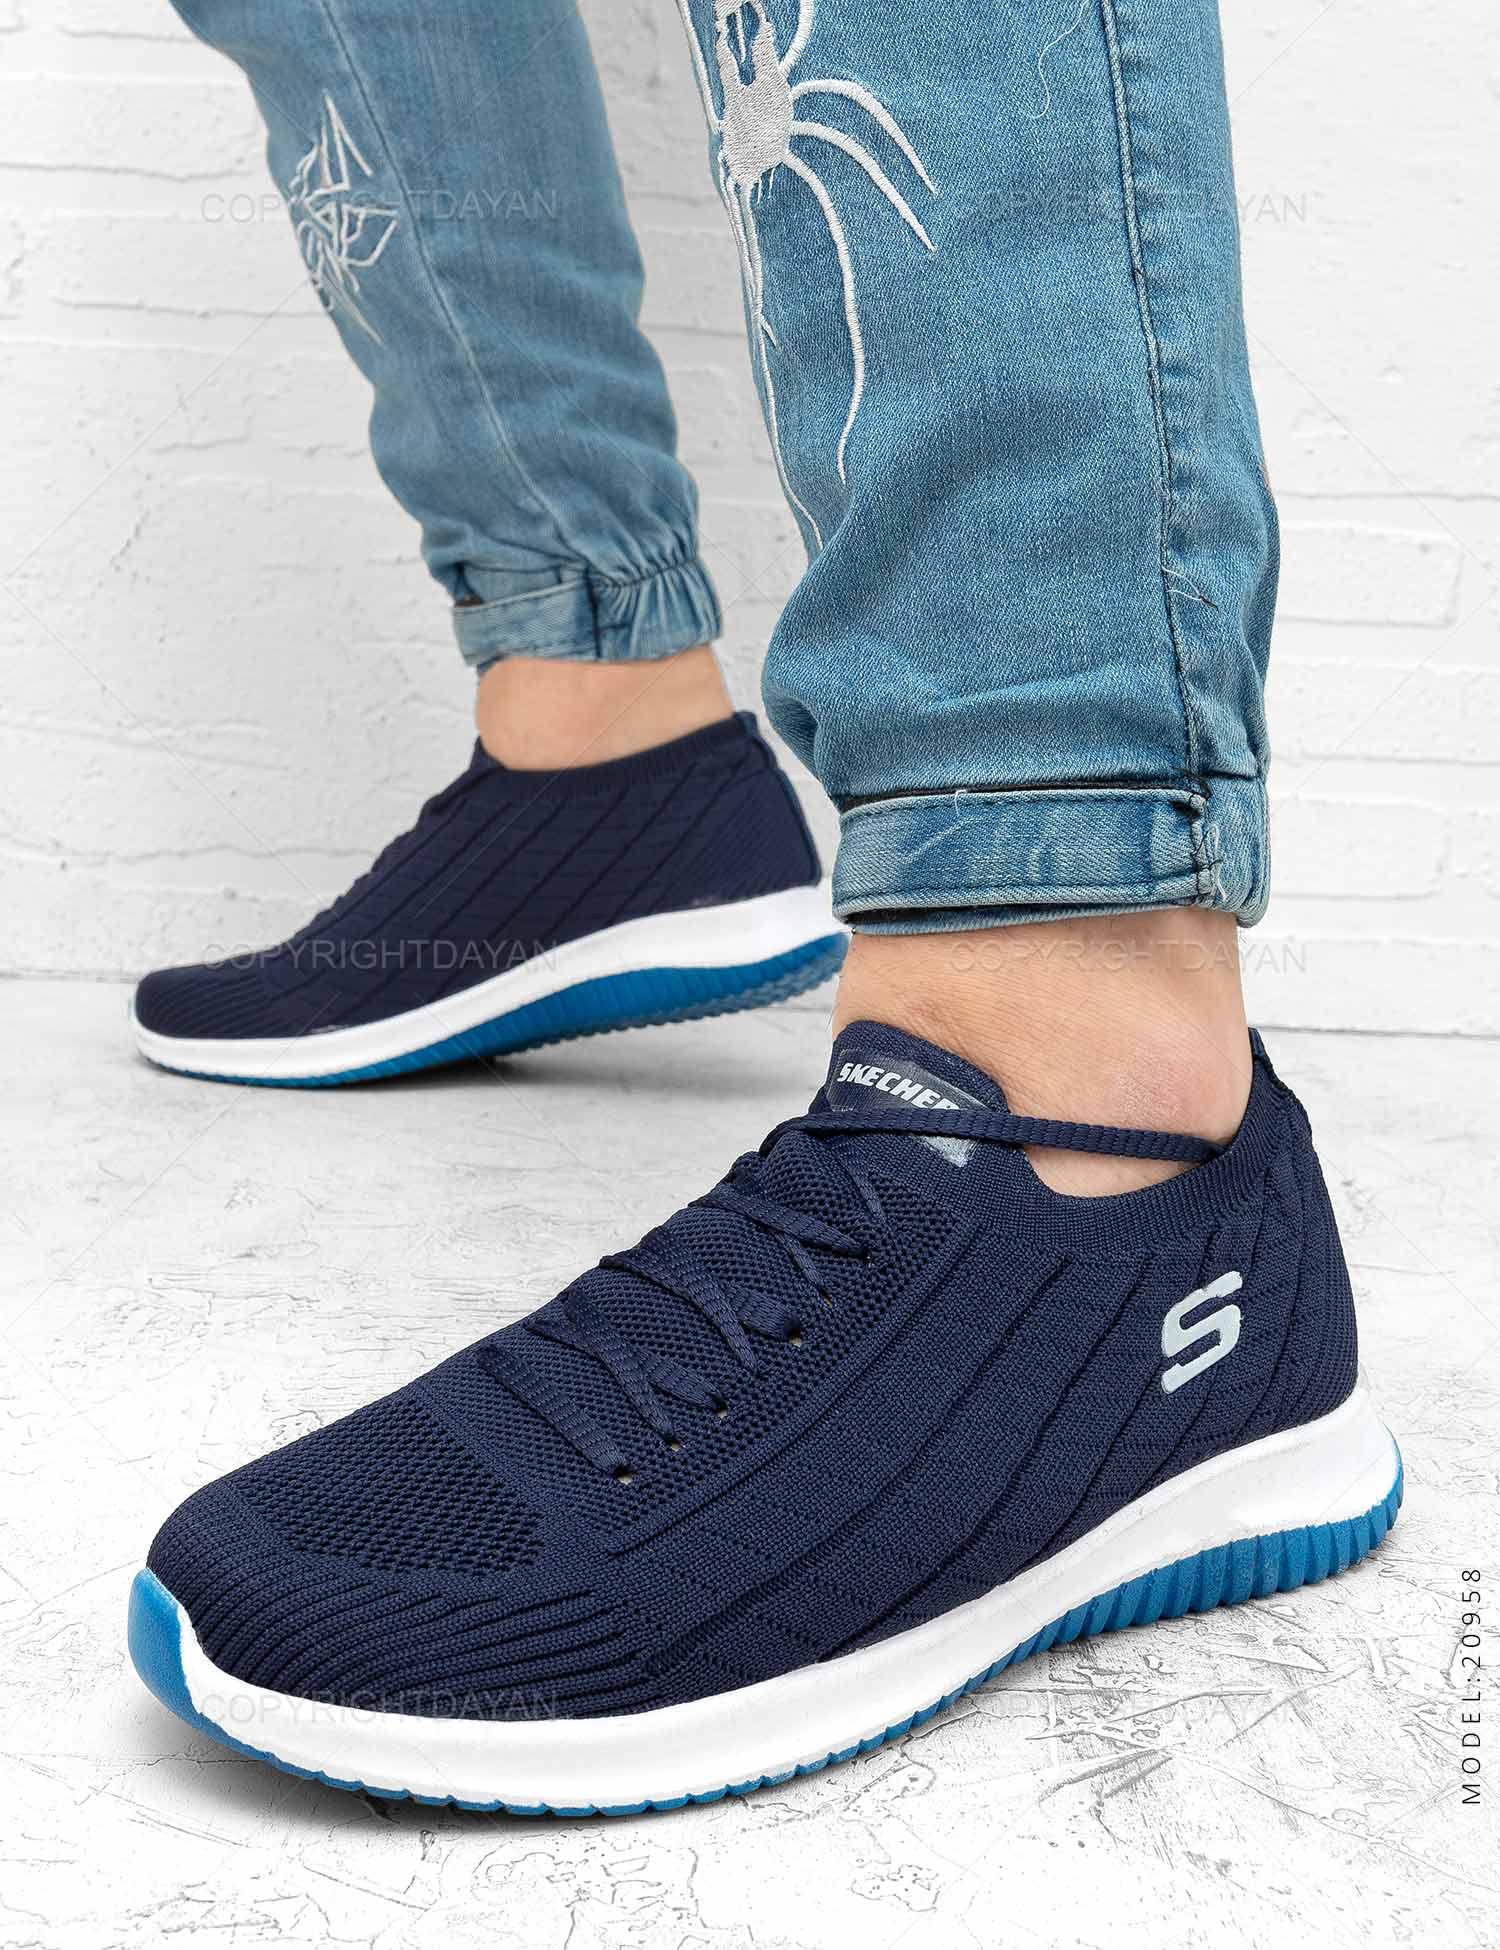 کفش ورزشی مردانه Skechers مدل 20958 کفش ورزشی مردانه Skechers مدل 20958 179,000 تومان